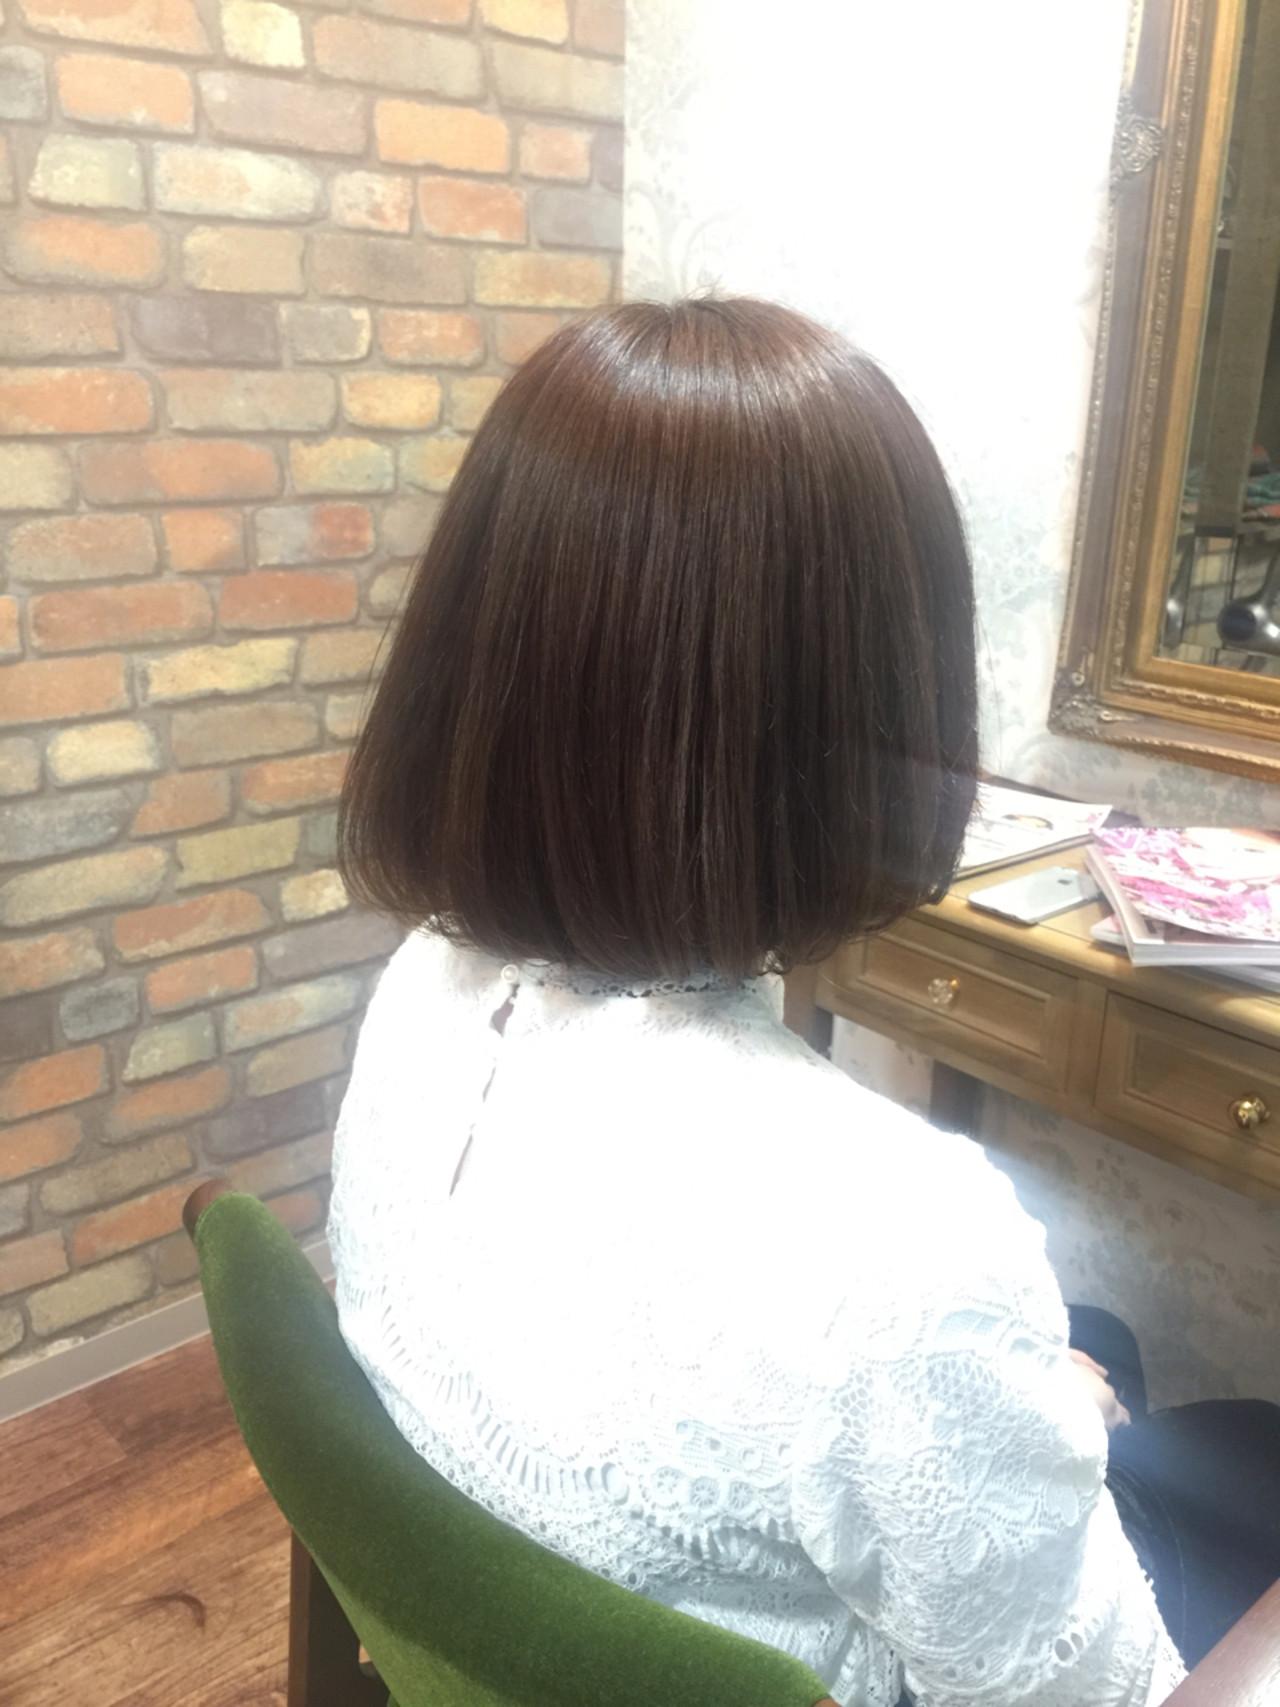 ボブ 大人女子 アッシュグレージュ ナチュラル ヘアスタイルや髪型の写真・画像